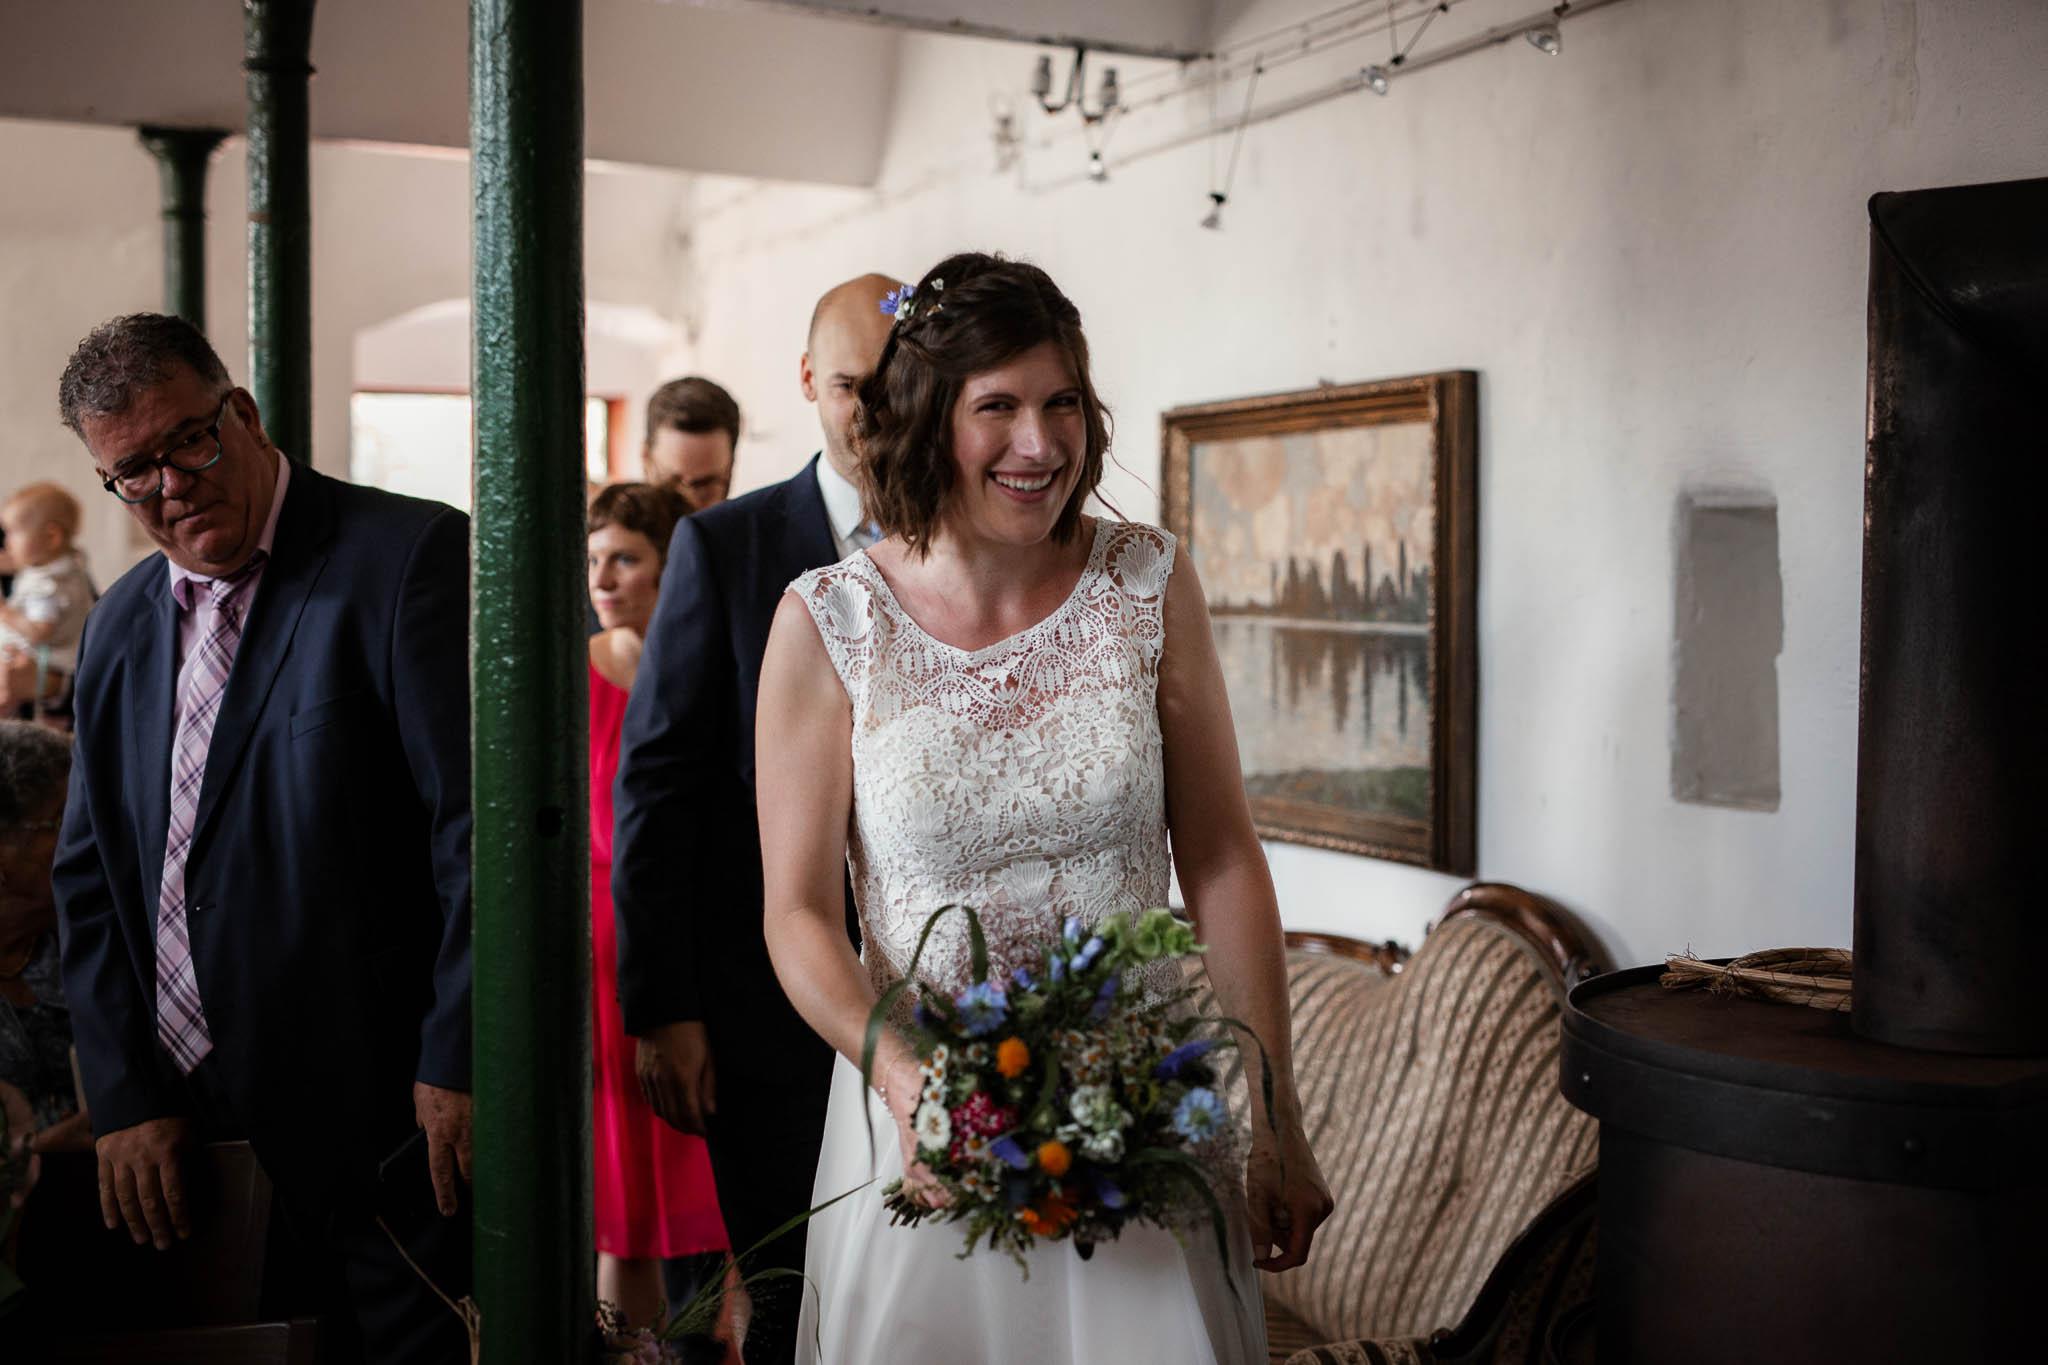 Hochzeitsfotograf Guntersblum, Domhof - Hochzeit von Ina & Johannes 12